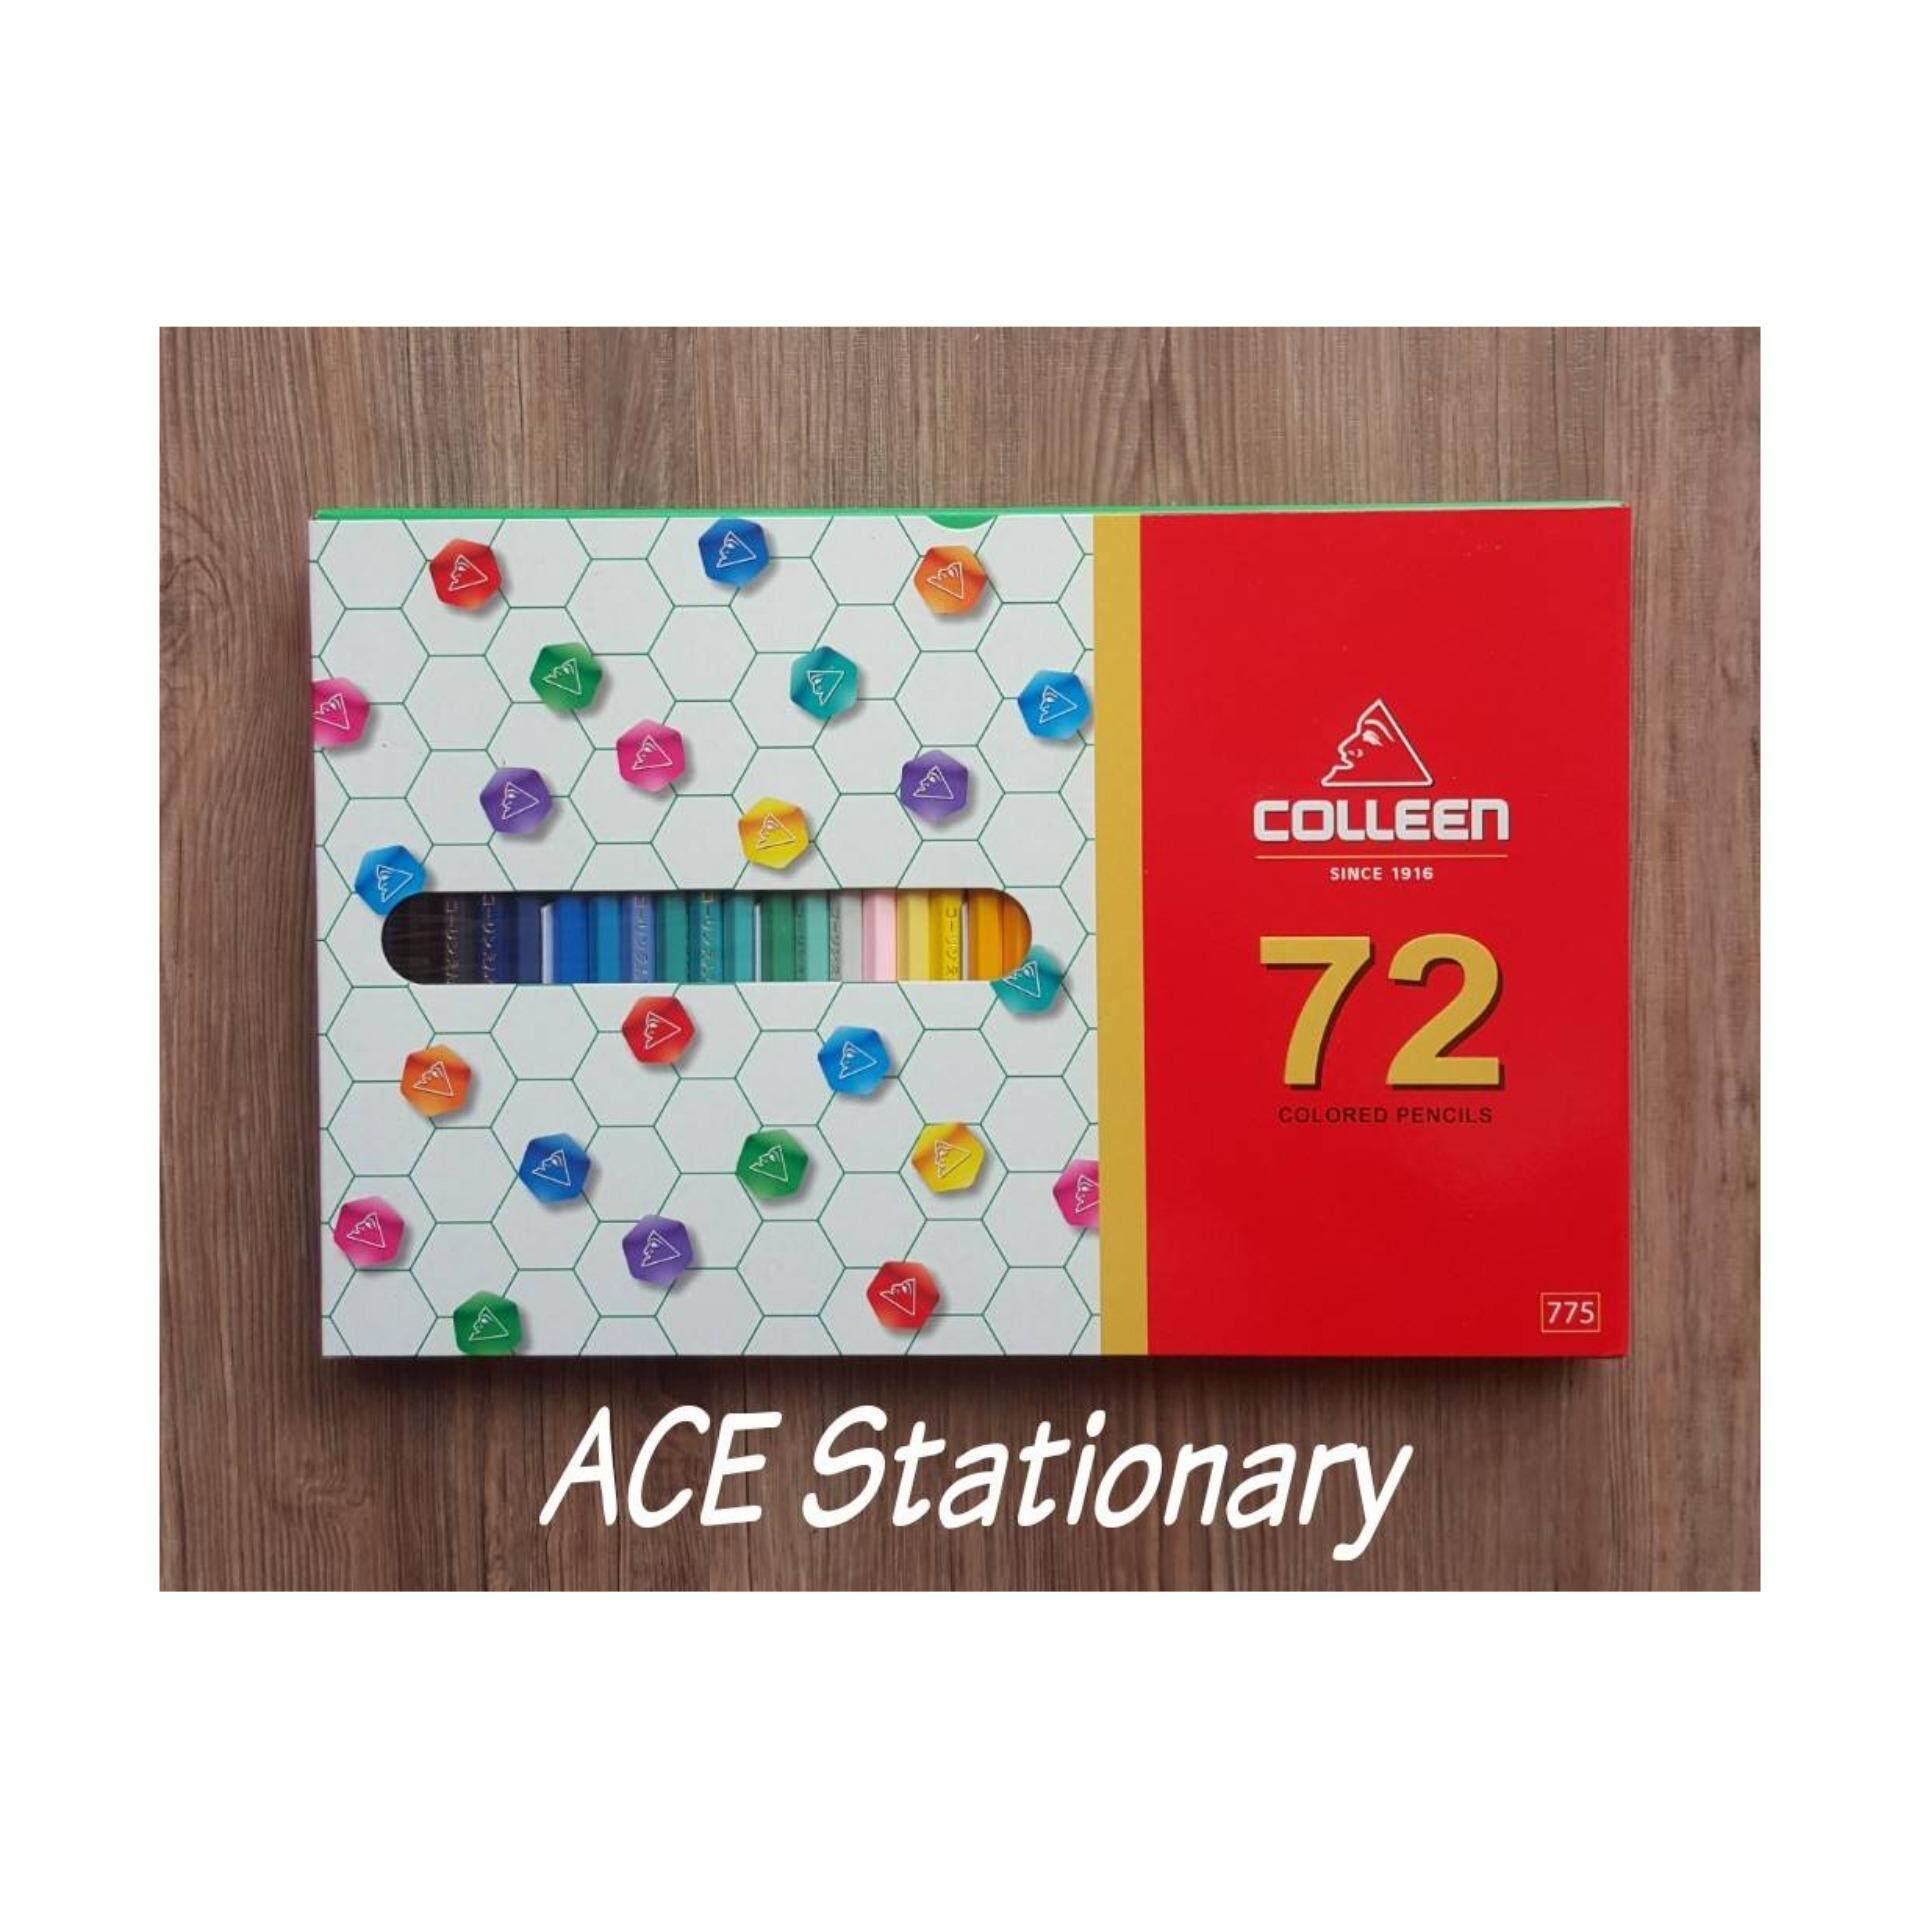 Colleen ดินสอสีไม้ คอลลีน หัวเดียว 72 สี  72 เเท่ง รุ่น775 (pastel).